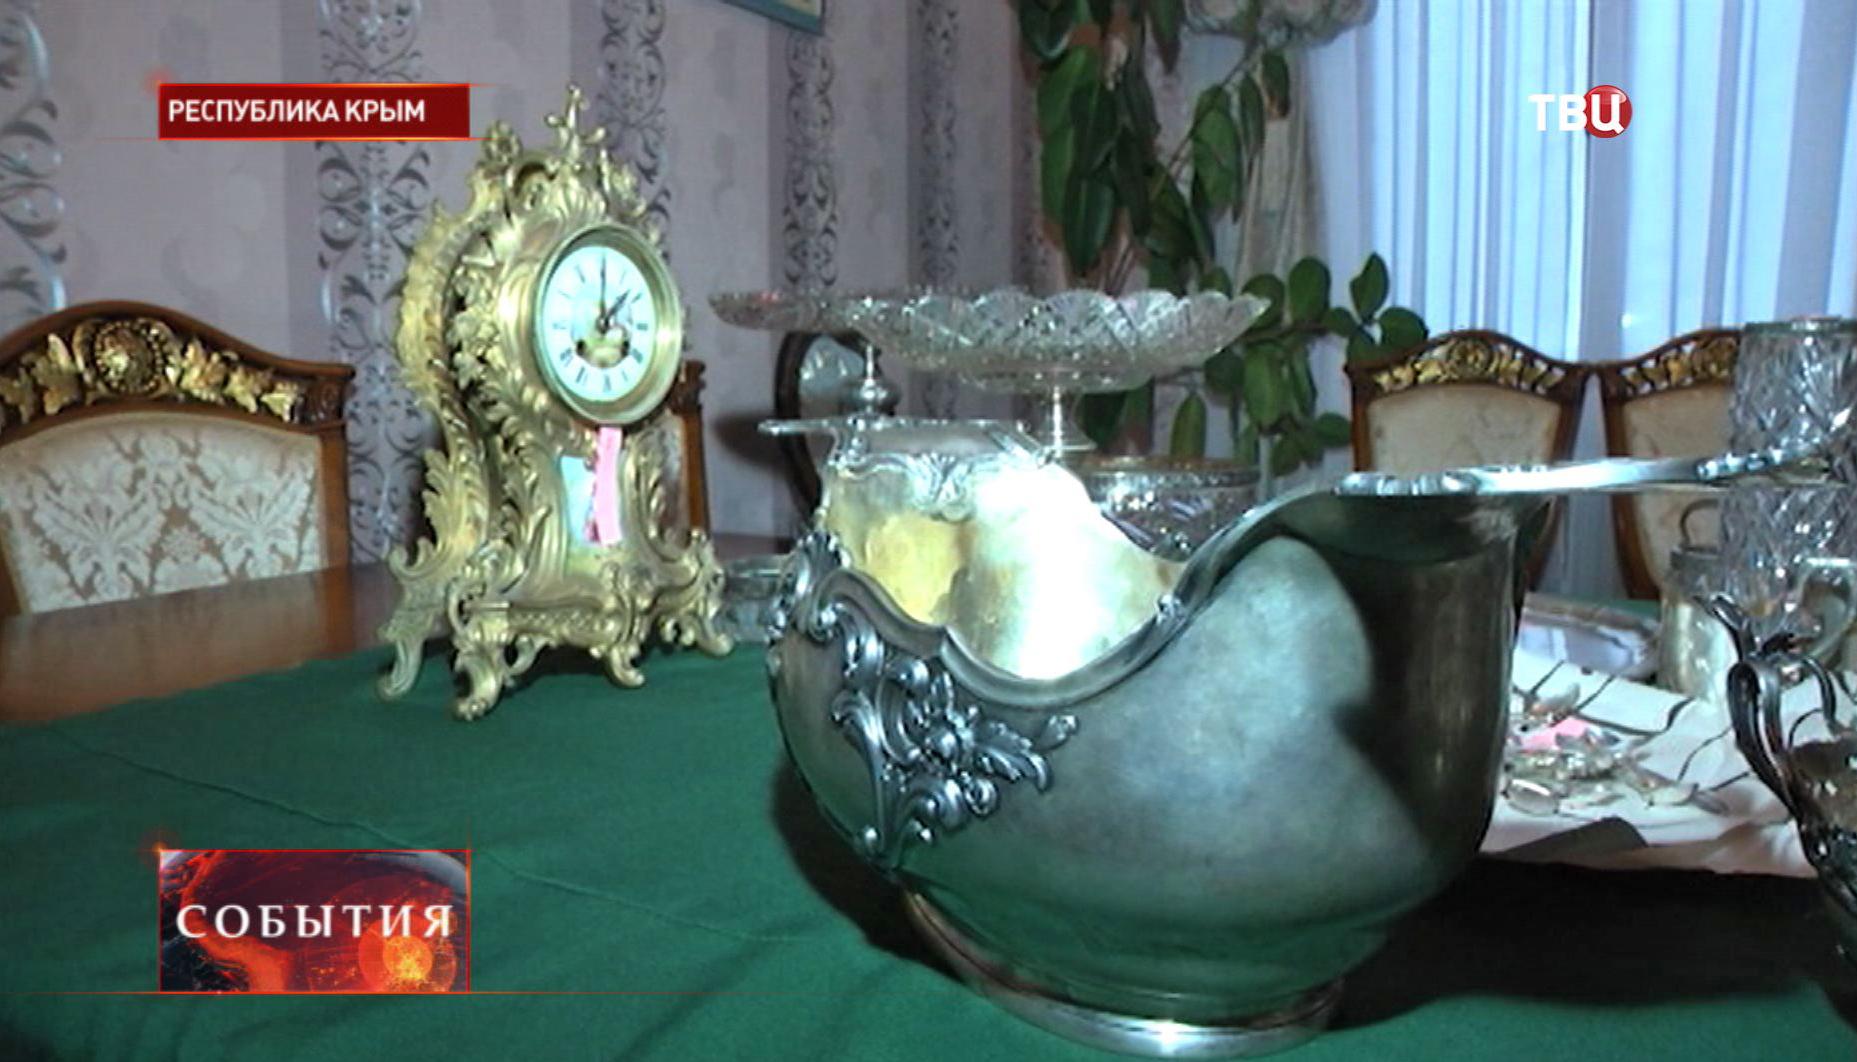 Клад в Ливадийском дворце